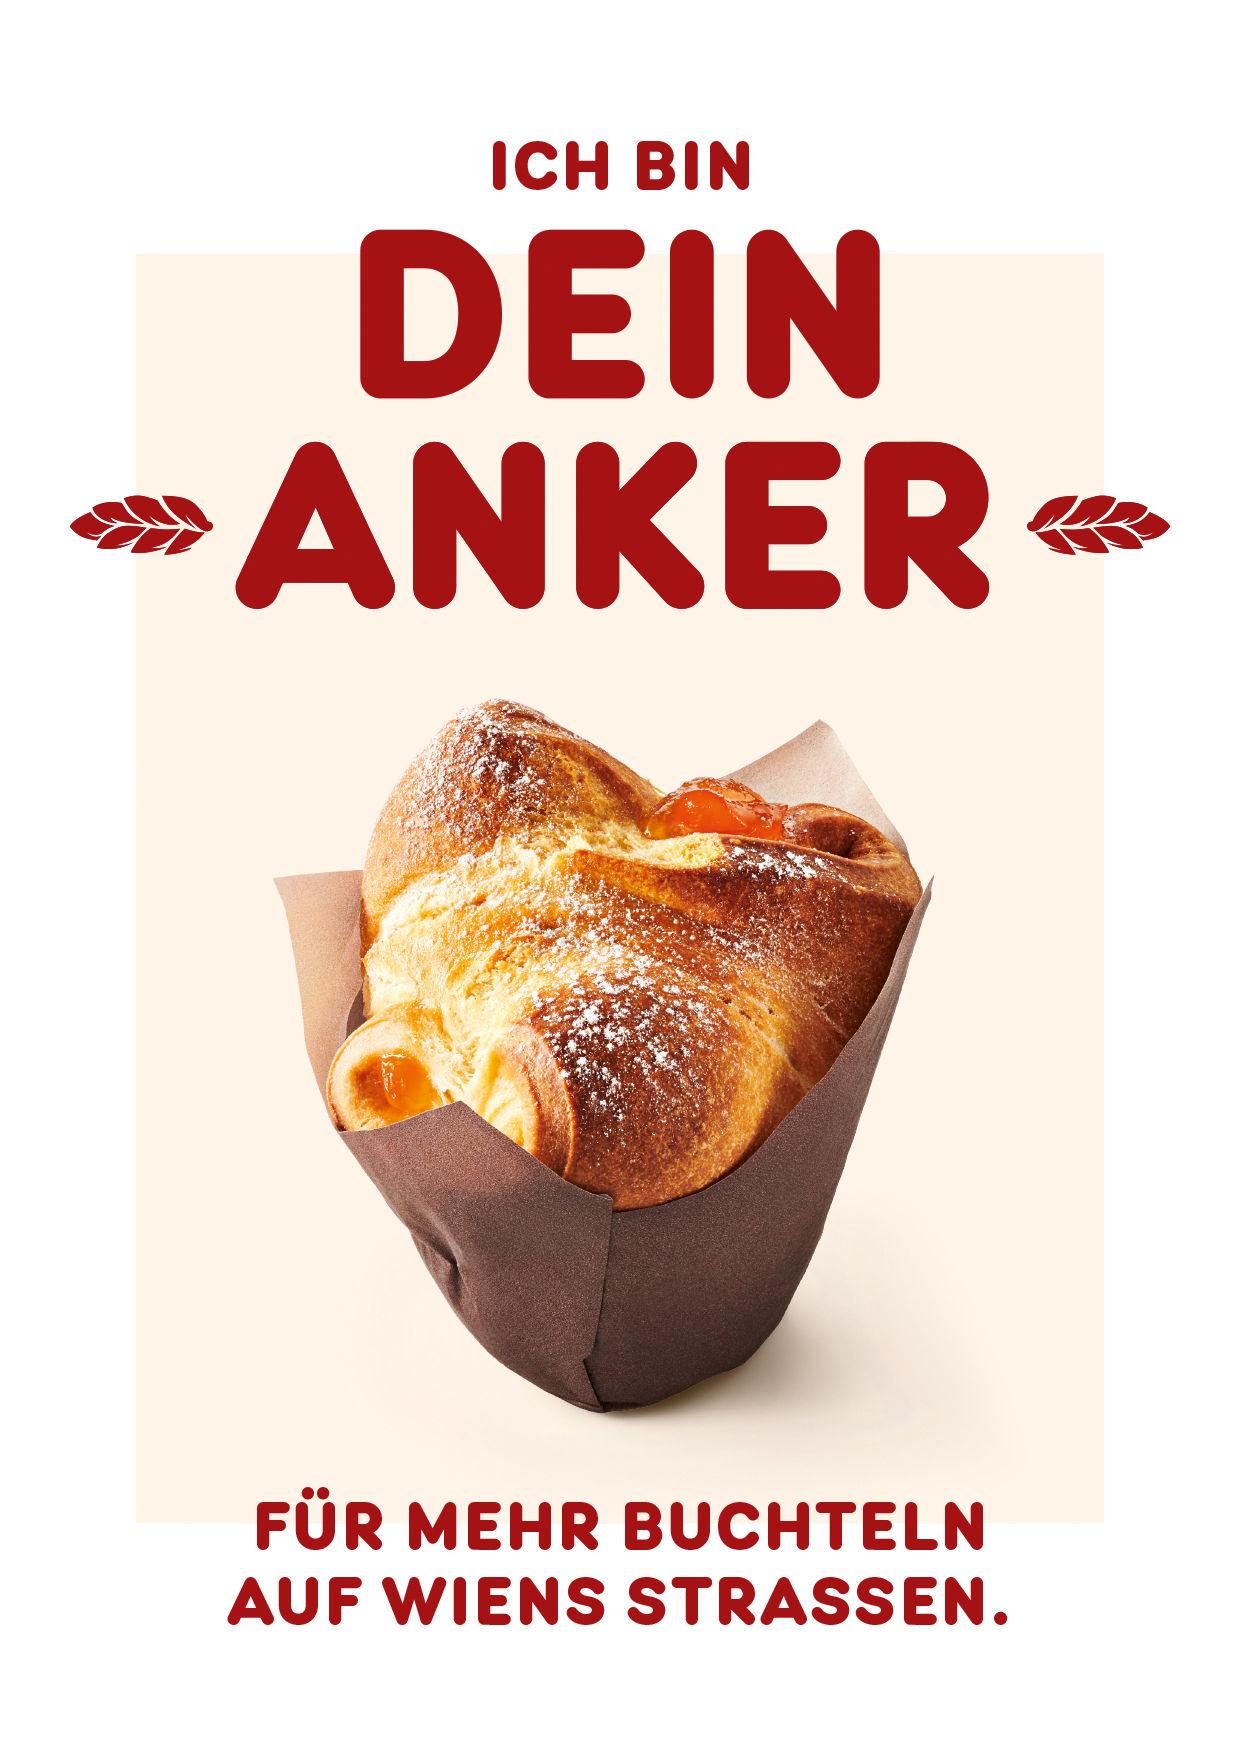 Stefan Thurmann für Ankerbrot, Agentur Jung von Matt/Donau